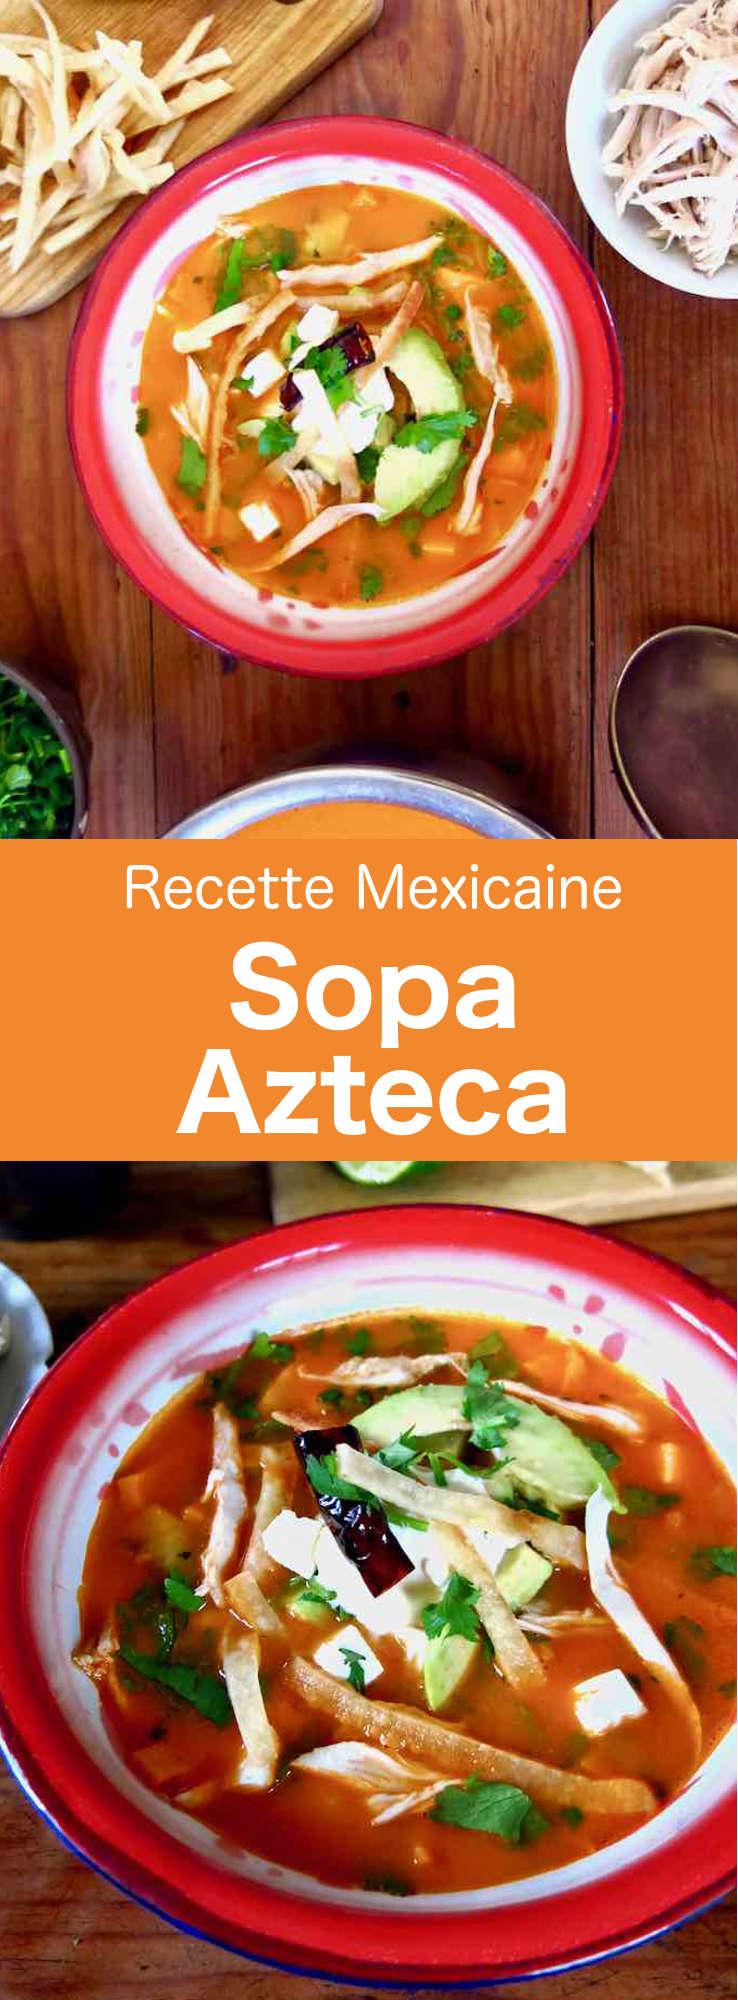 La sopa azteca est une délicieuse recette mexicaine de soupe préparée avec des tortillas frites et servie avec de l'avocat, du fromage et de la crème. #Mexique #RecetteMexicaine #CuisineDuMonde #196flavors